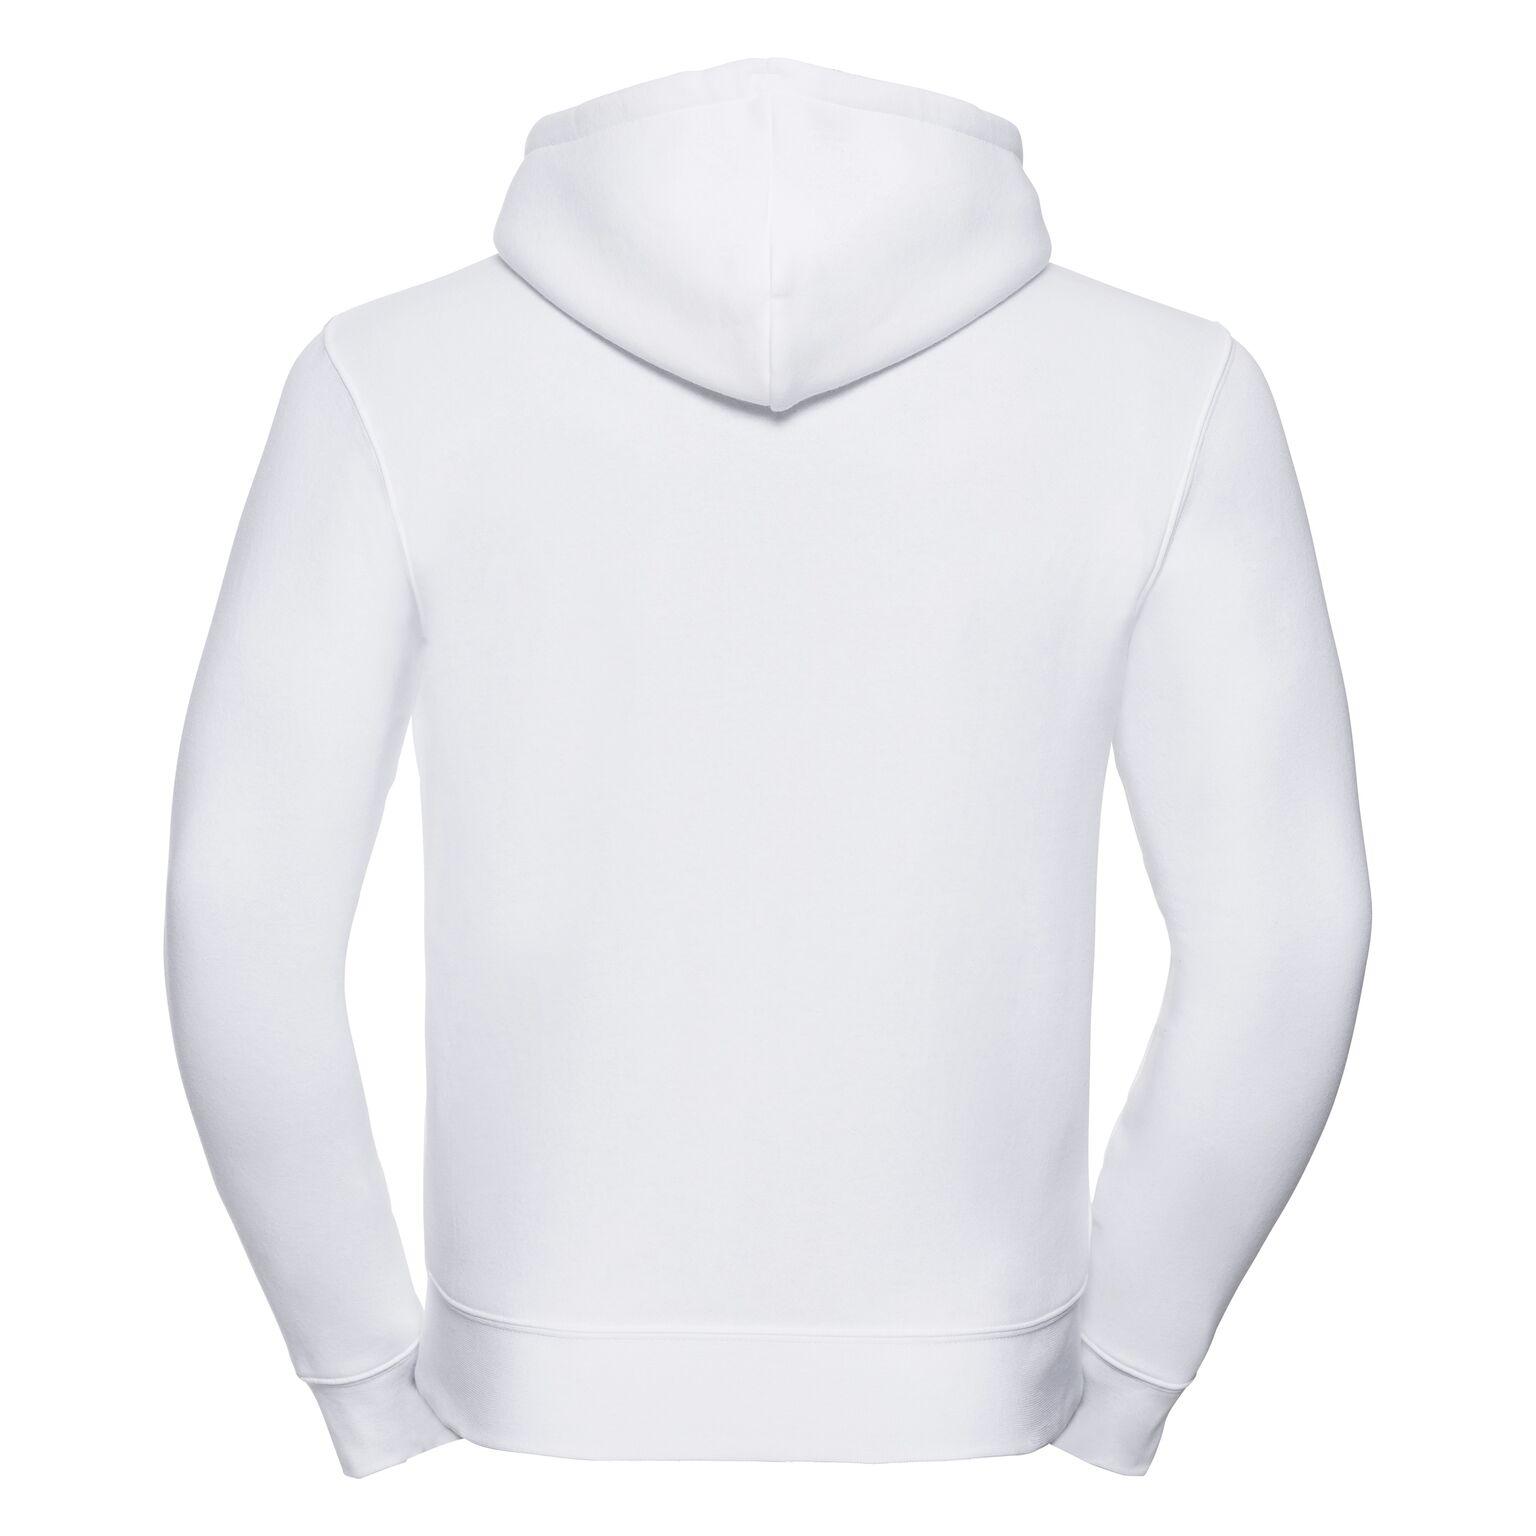 05_j266m_blanc--0-0--0caab86f-8fab-42ec-b074-7c6ca13c8cd4